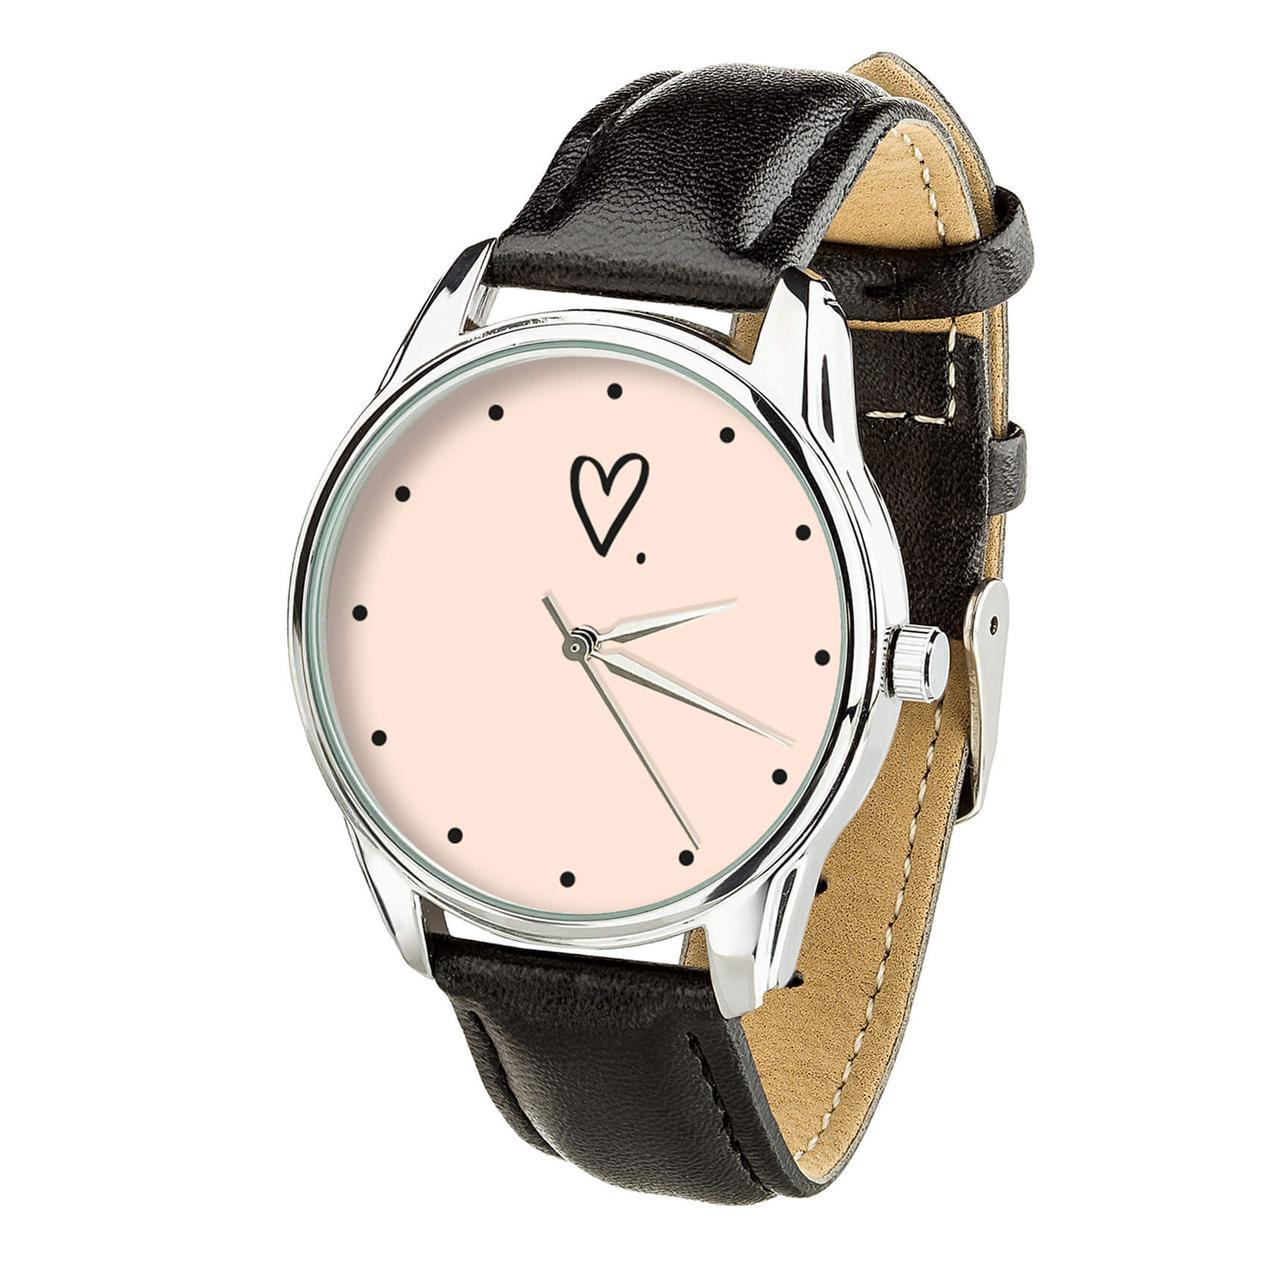 Часы ZIZ Сердечко (ремешок насыщенно - черный, серебро) + дополнительный ремешок